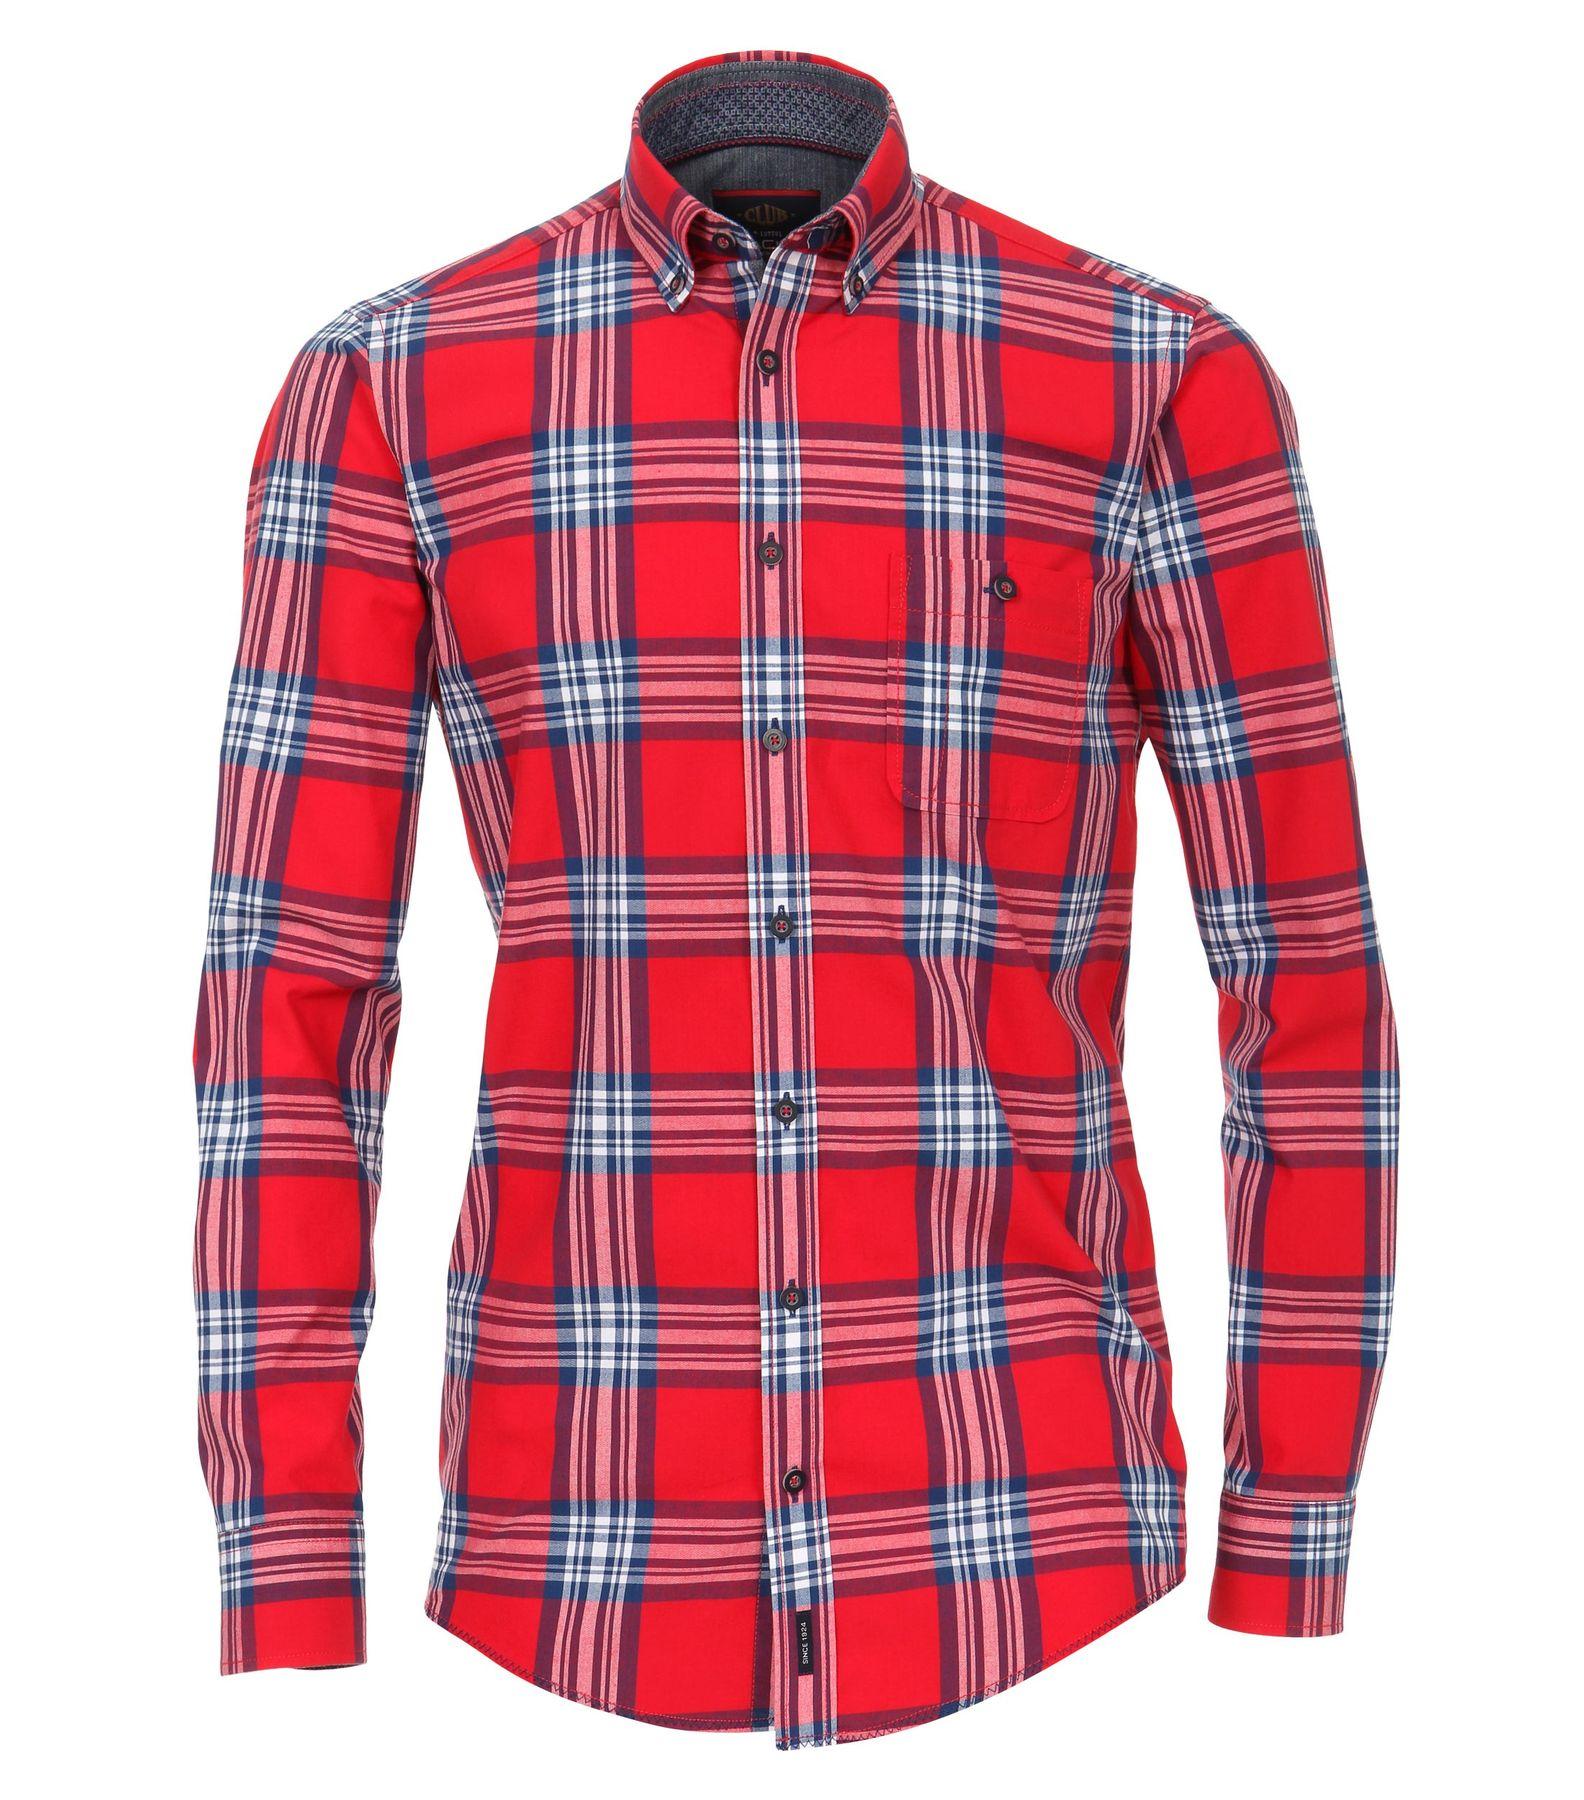 Casa Moda - Casual Fit - Gepeachtes Herren Hemd kariert mit Button Down-Kragen in rot (482900400)